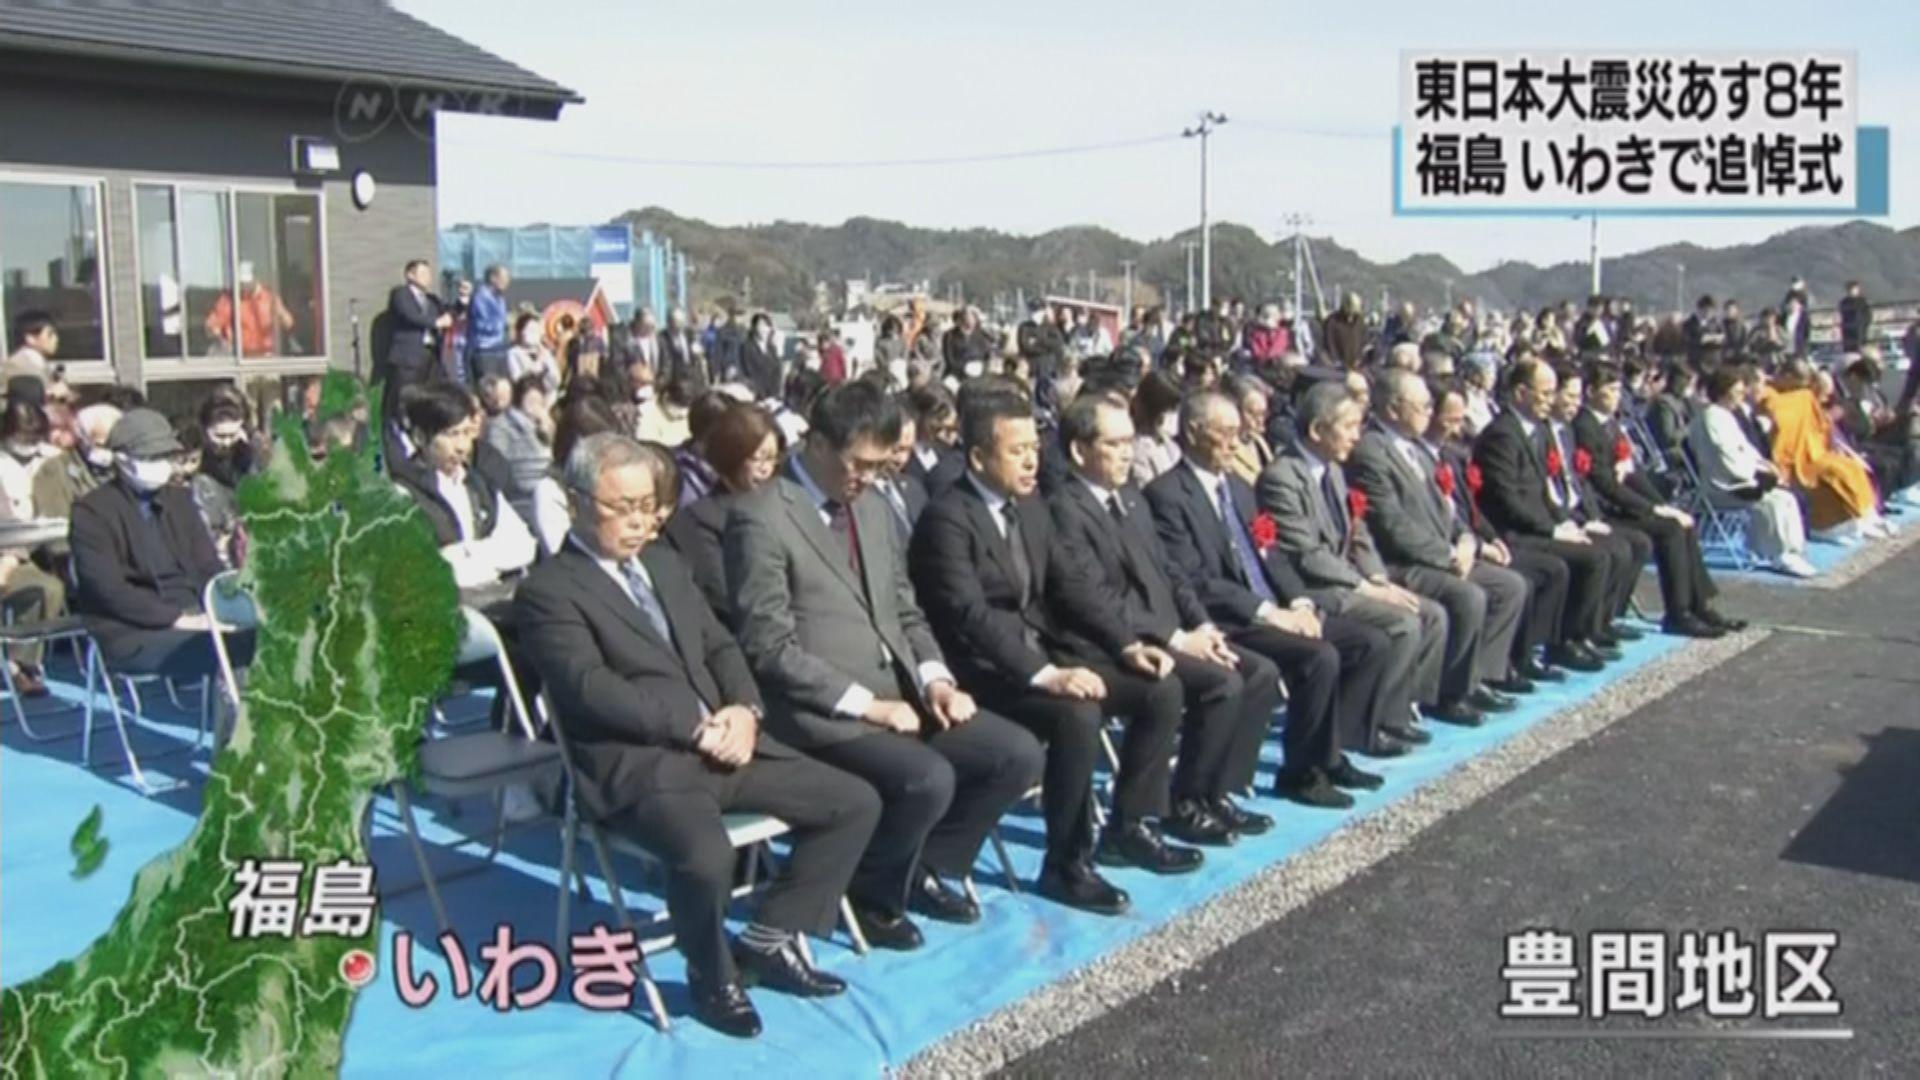 日本全国有悼念活动。新闻截图